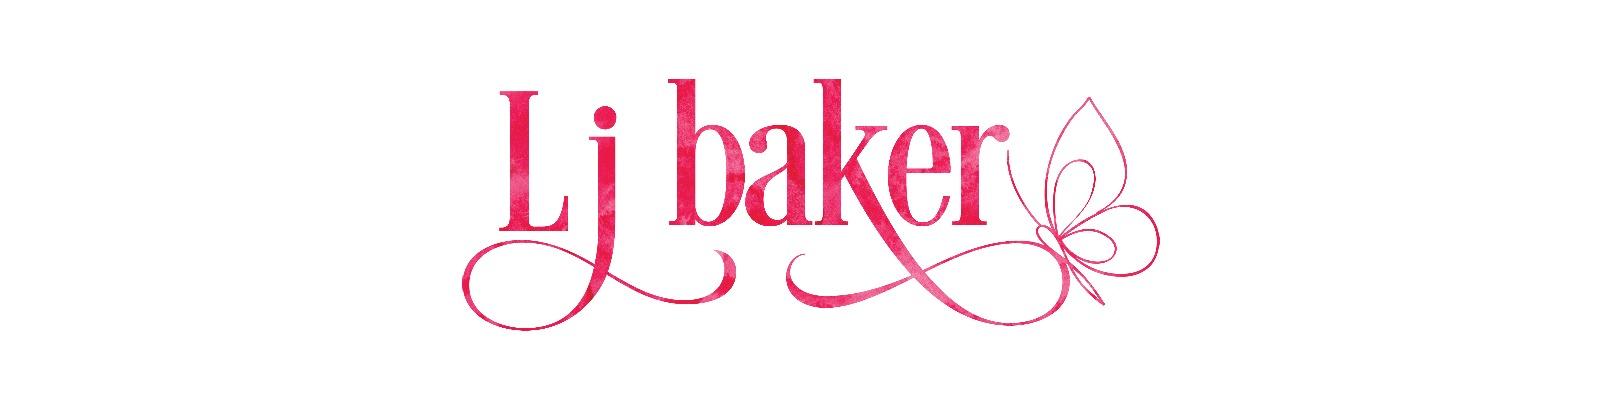 LJ Baker